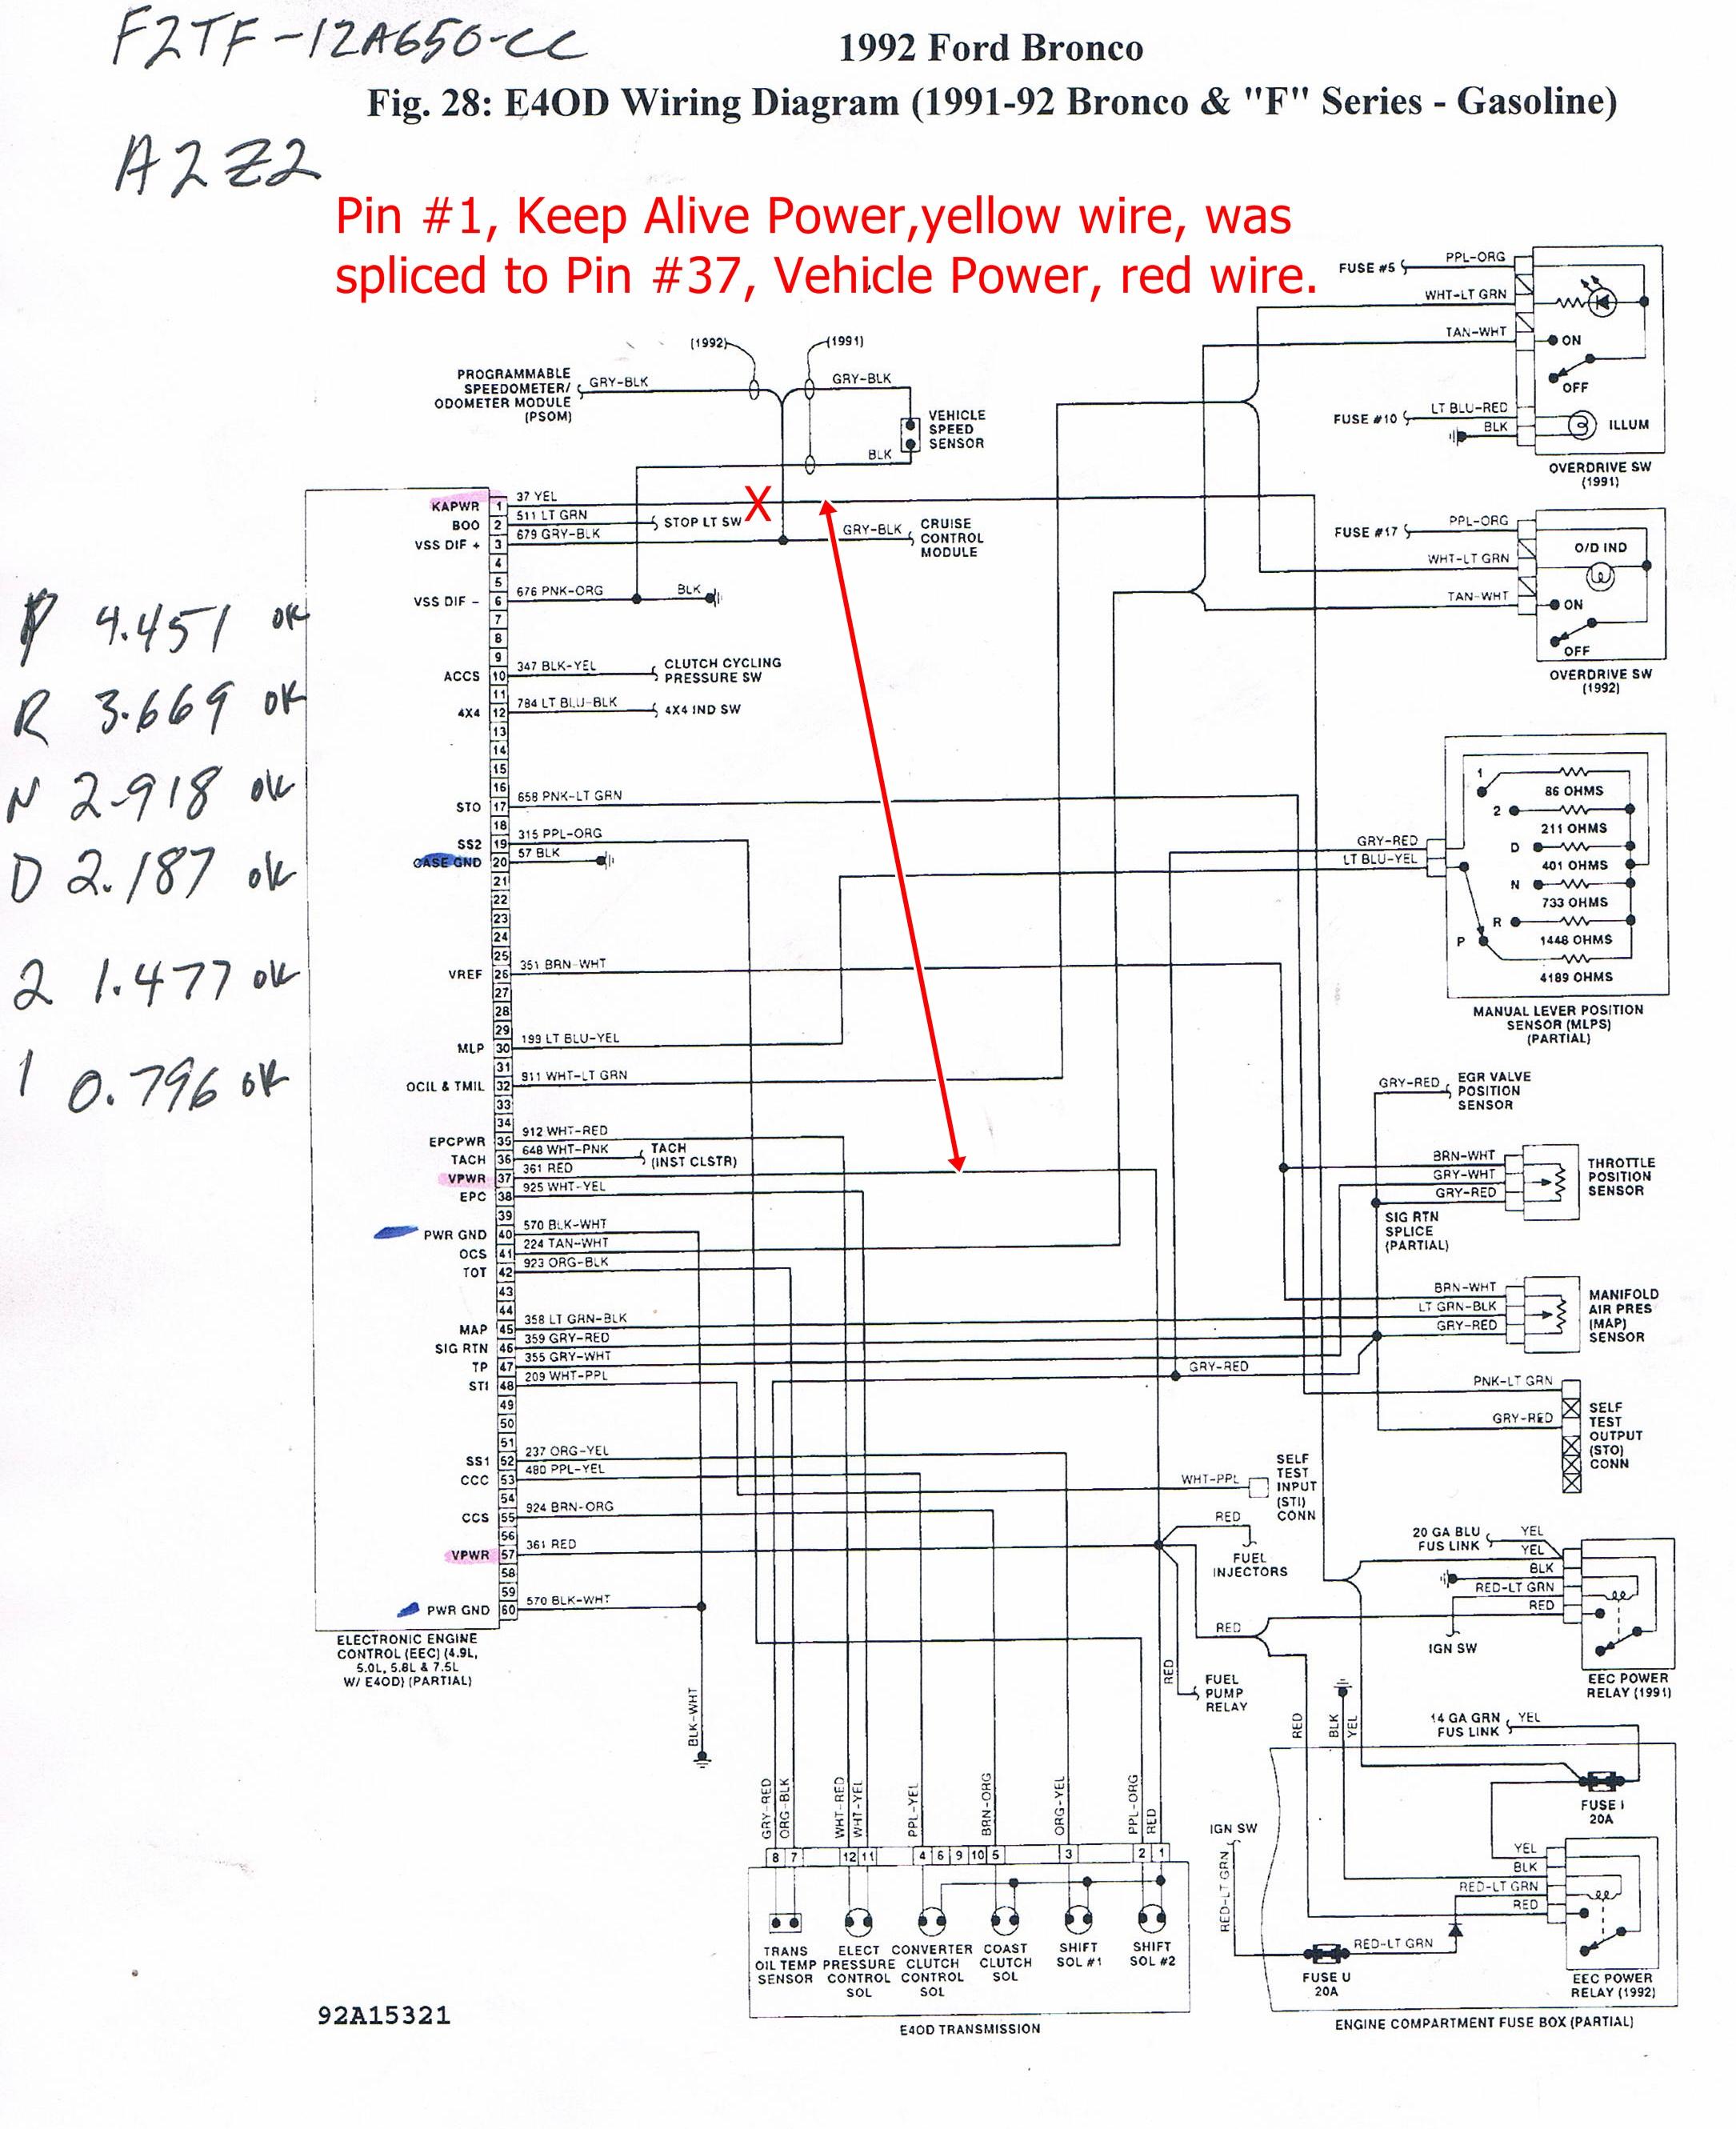 onstar fmv mirror wiring diagram one wire alternator conversion, Wiring diagram